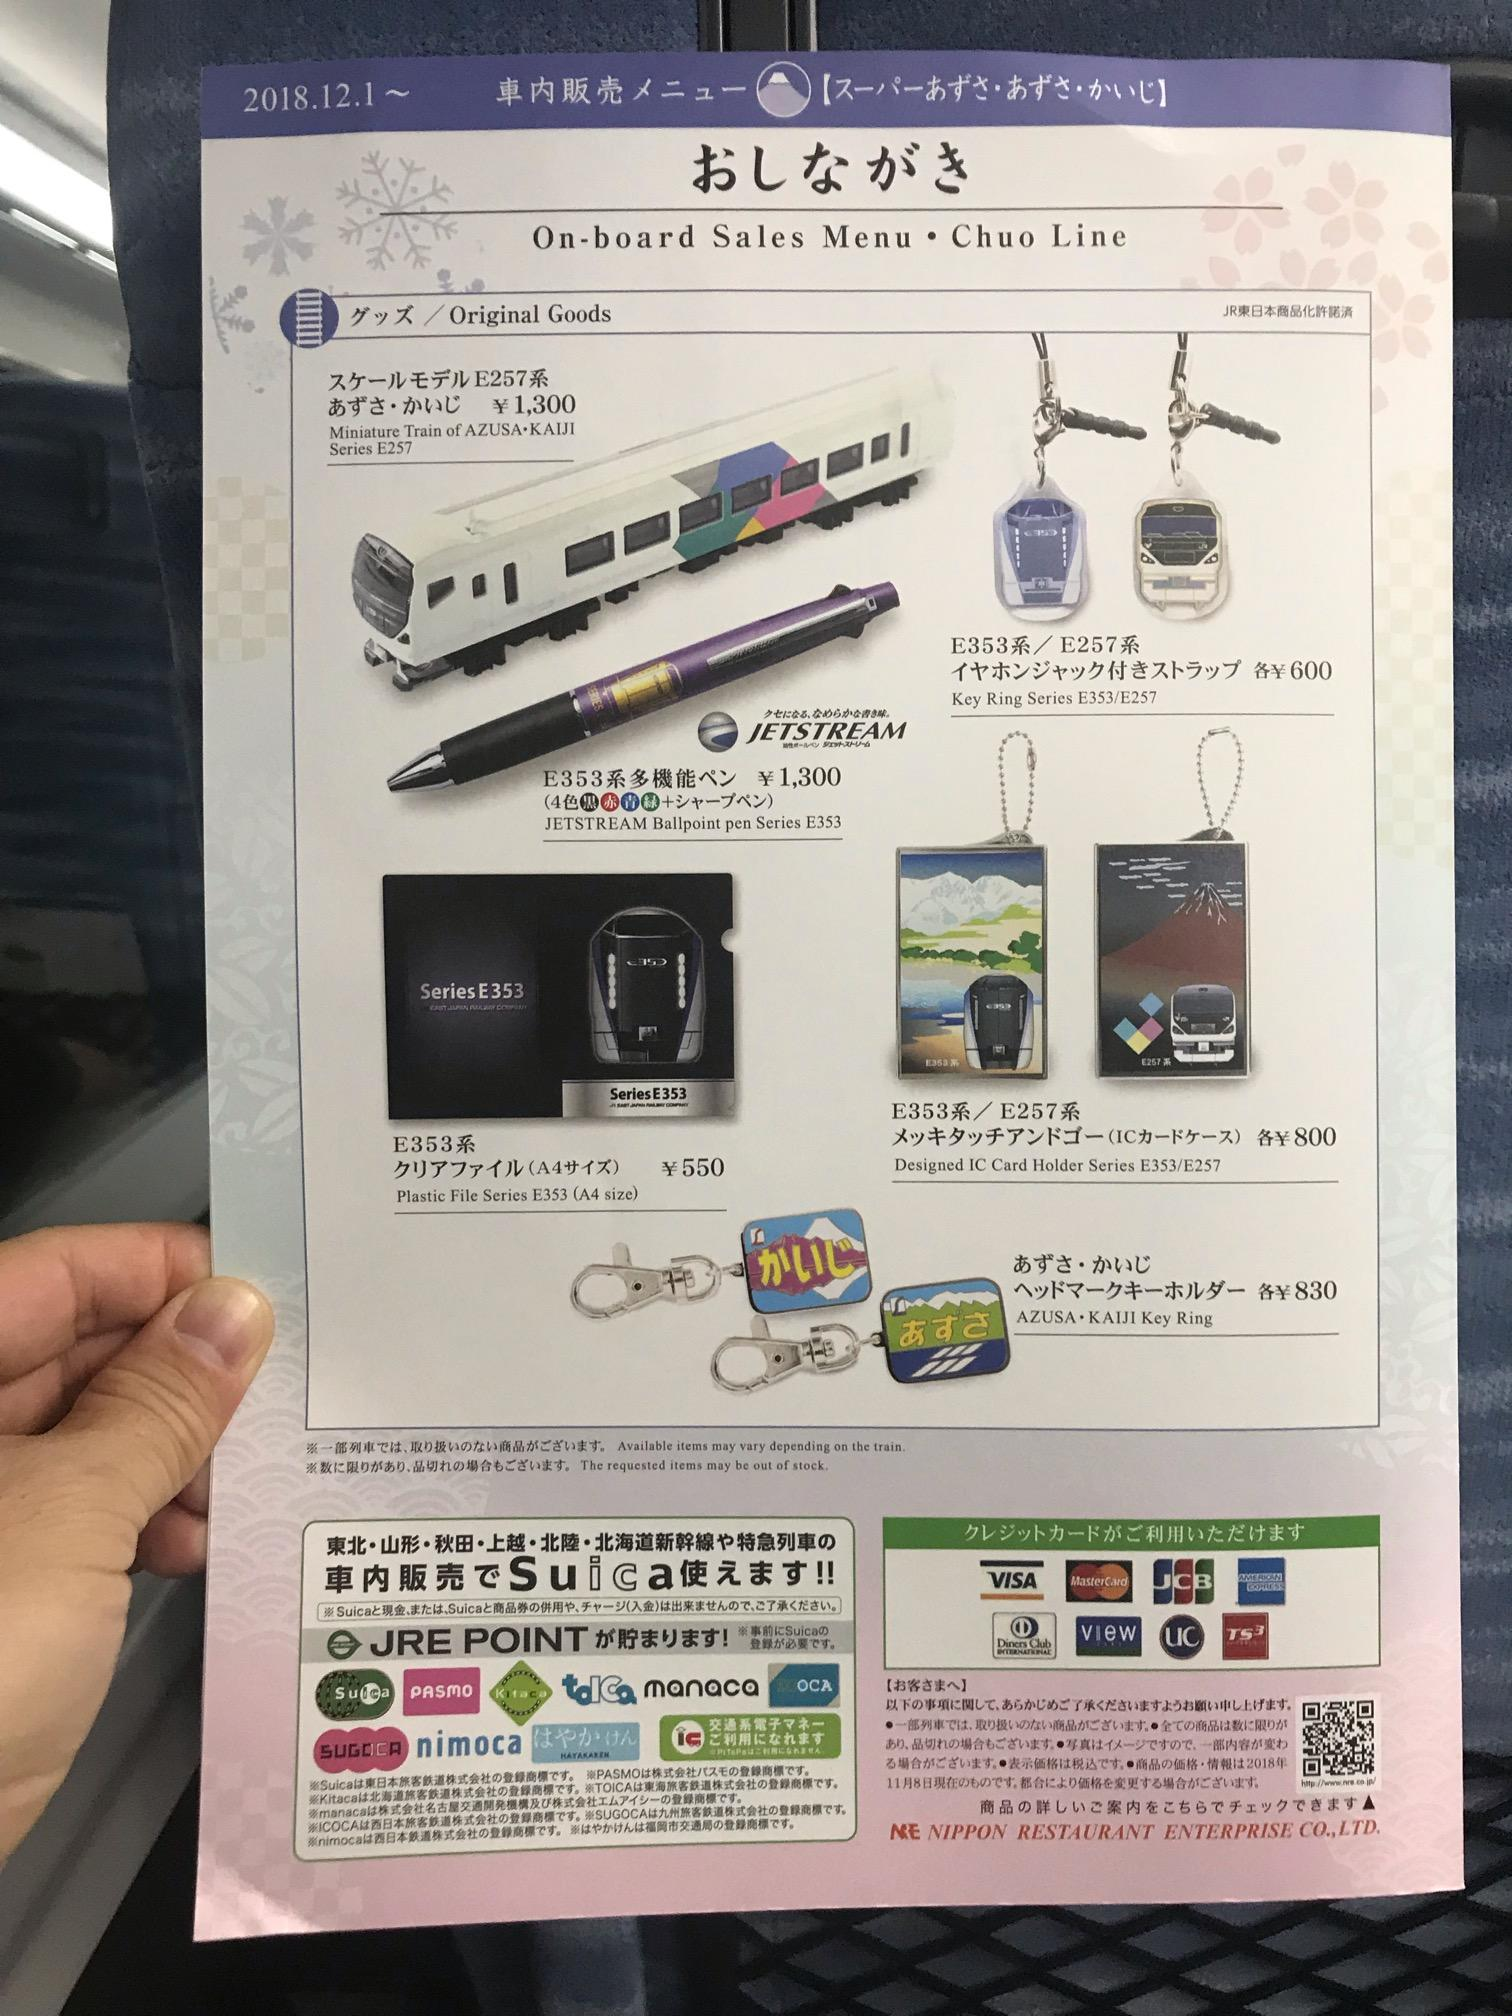 車内販売メニュー(グッズ) スーパーあずさ・あずさ・かいじ 2018.12.1~